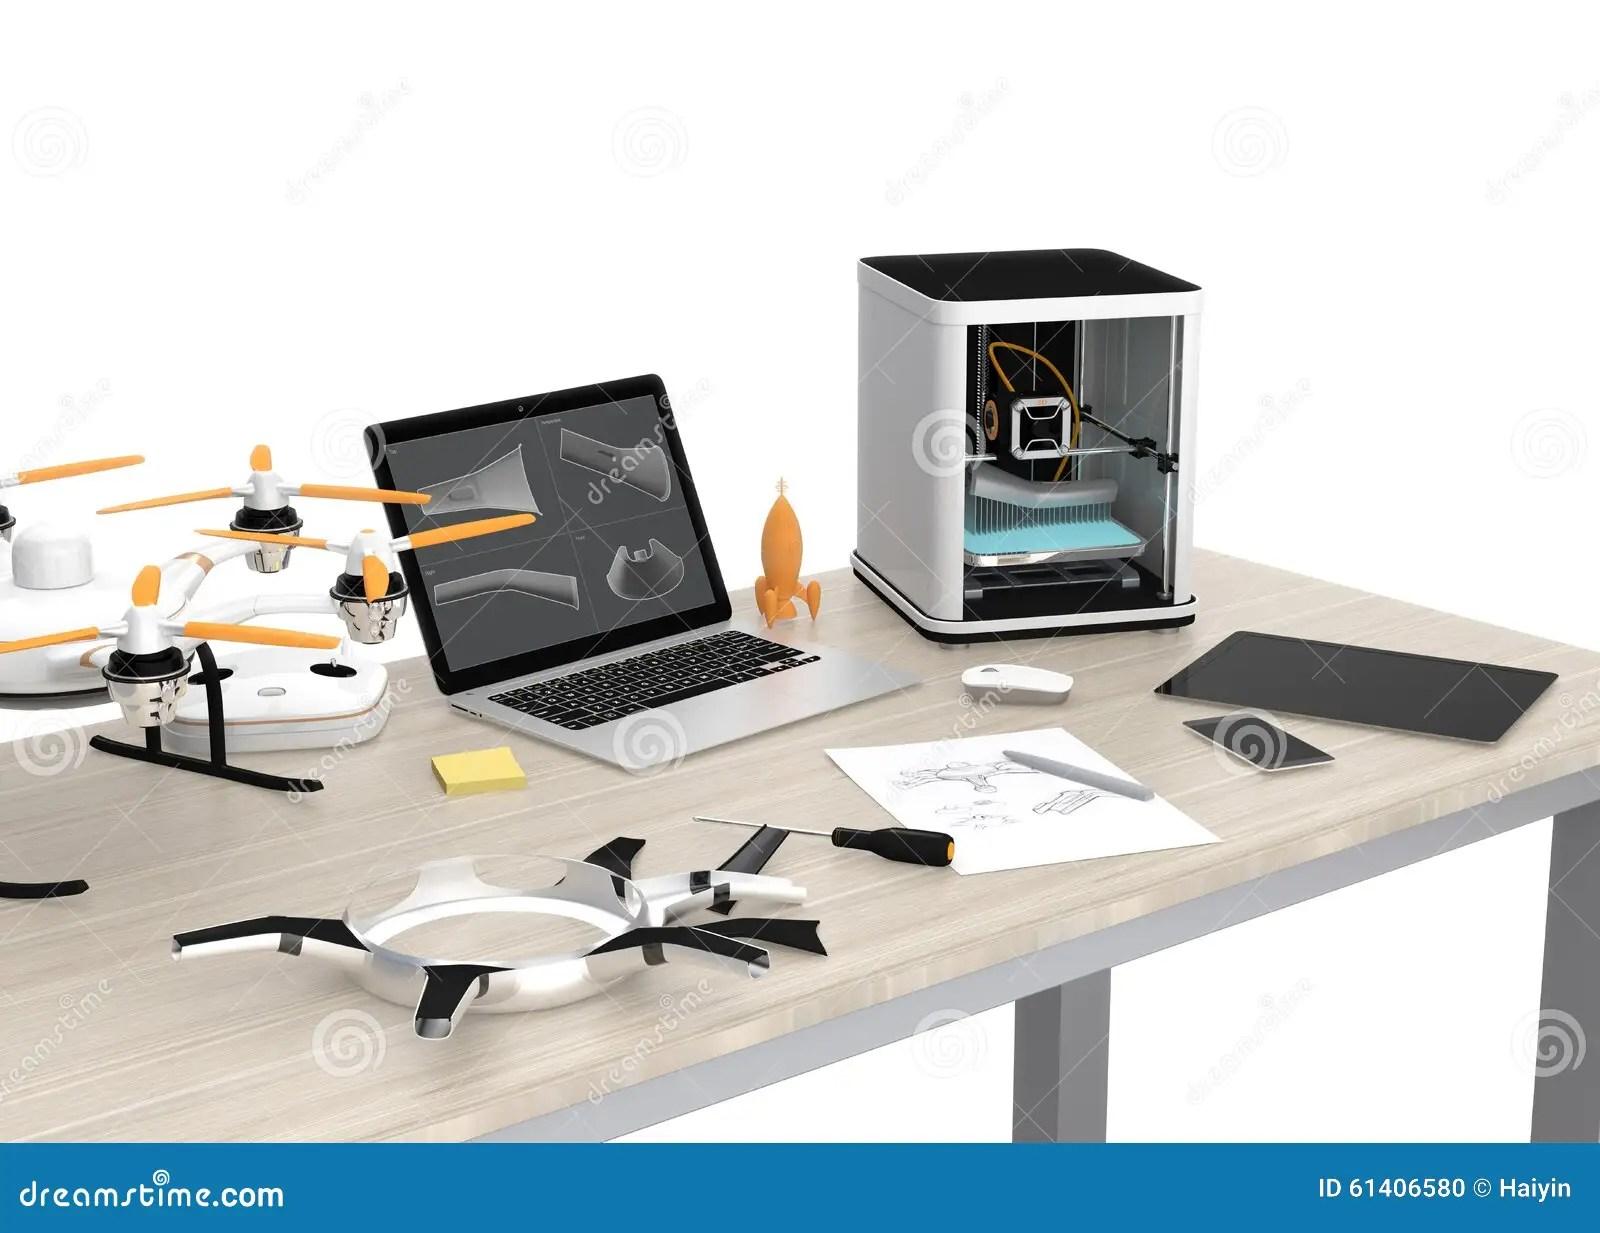 imprimante 3d ordinateur portable tablette et bourdon sur une table illustration stock illustration du portable bourdon 61406580